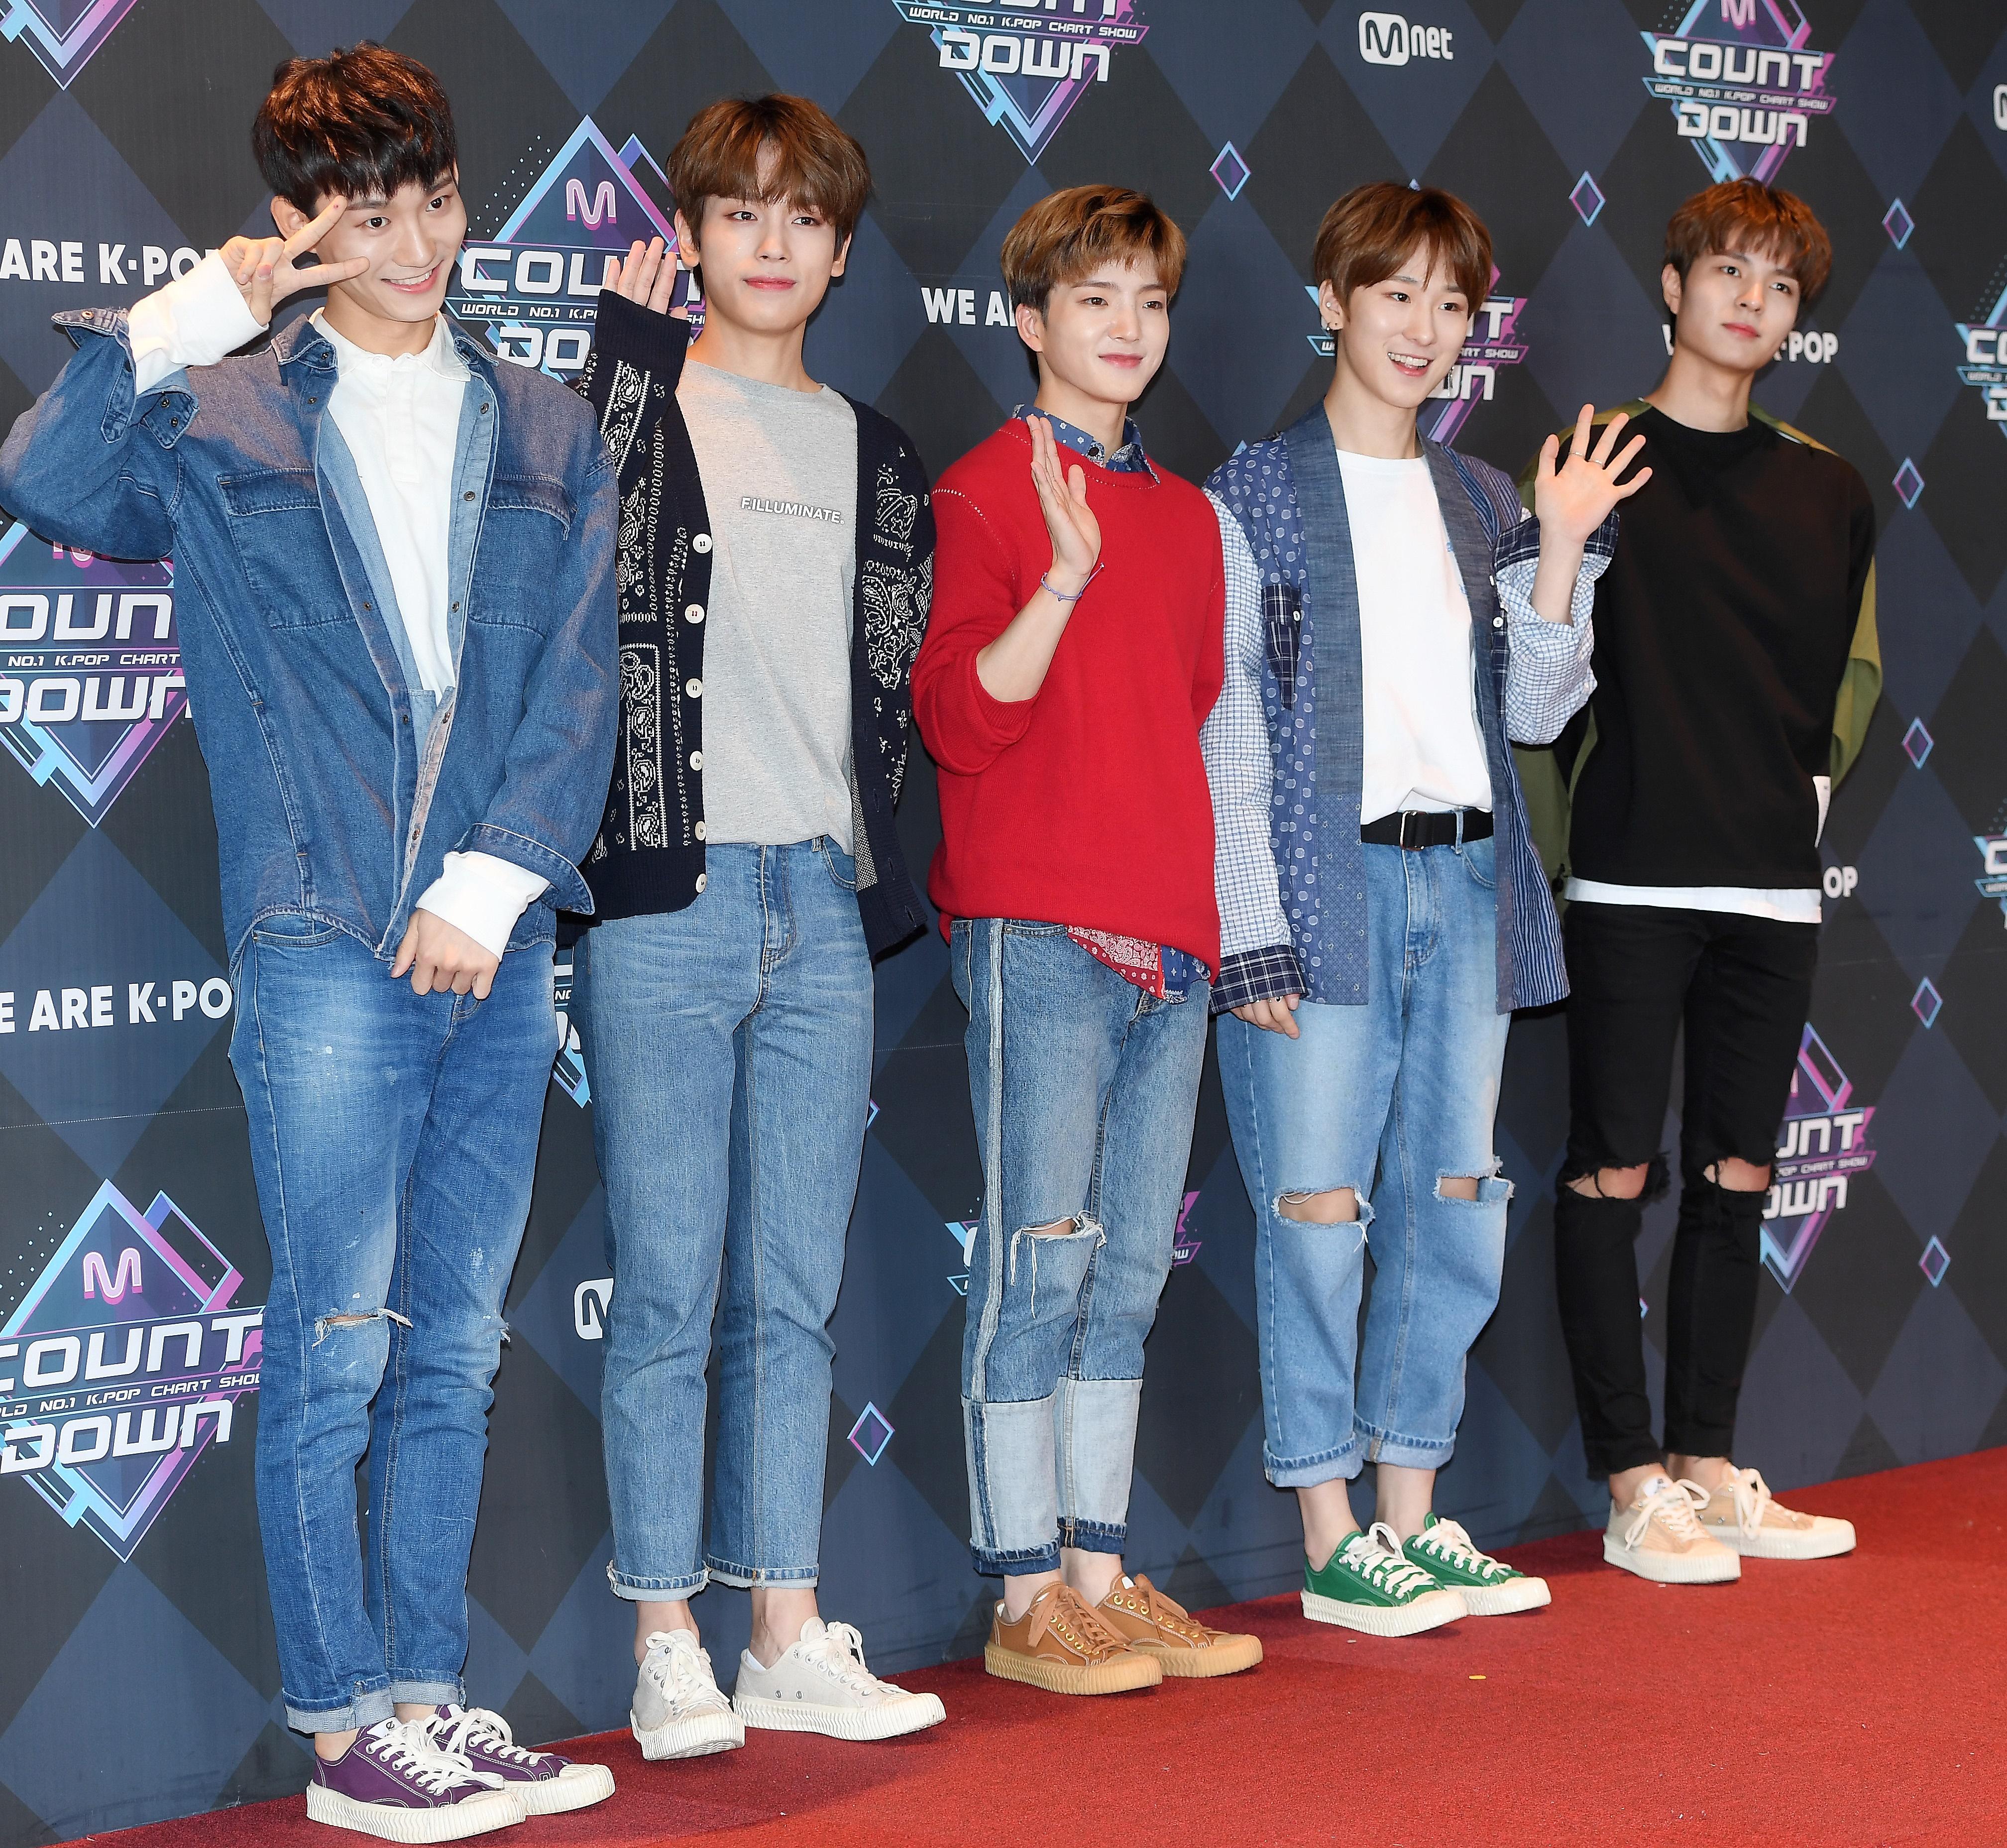 3일(월), W24 새 앨범 '어린 날' 발매 | 인스티즈